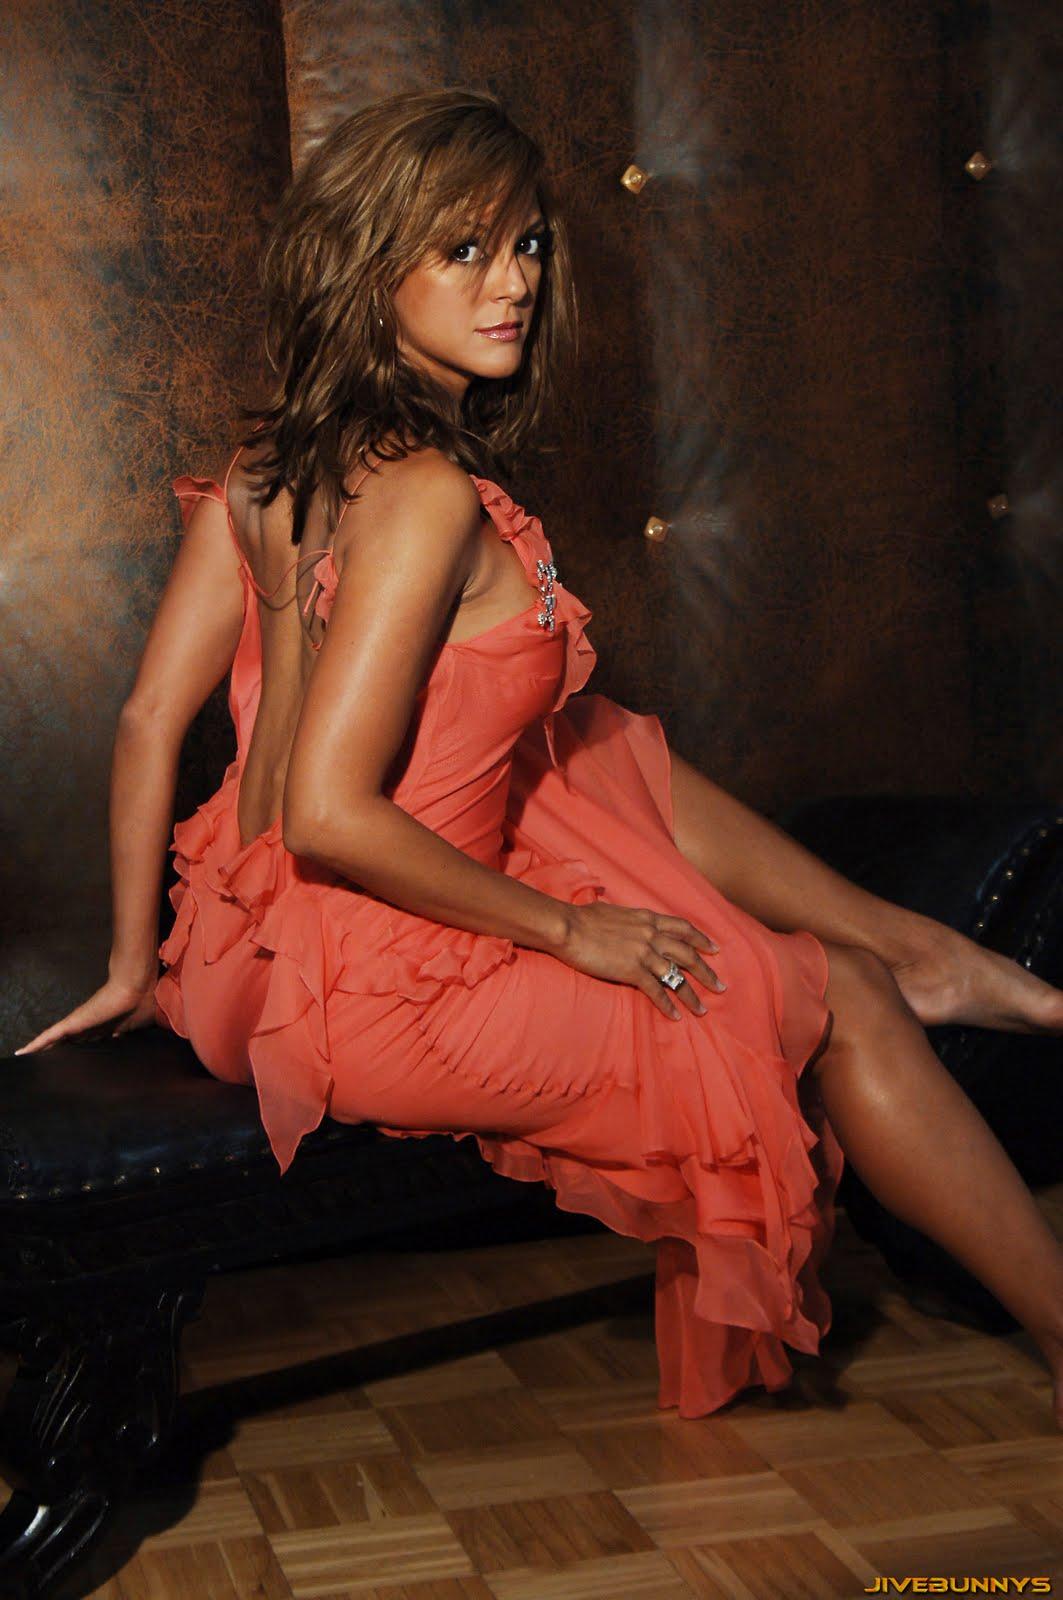 Eva La Rue - Images Hot